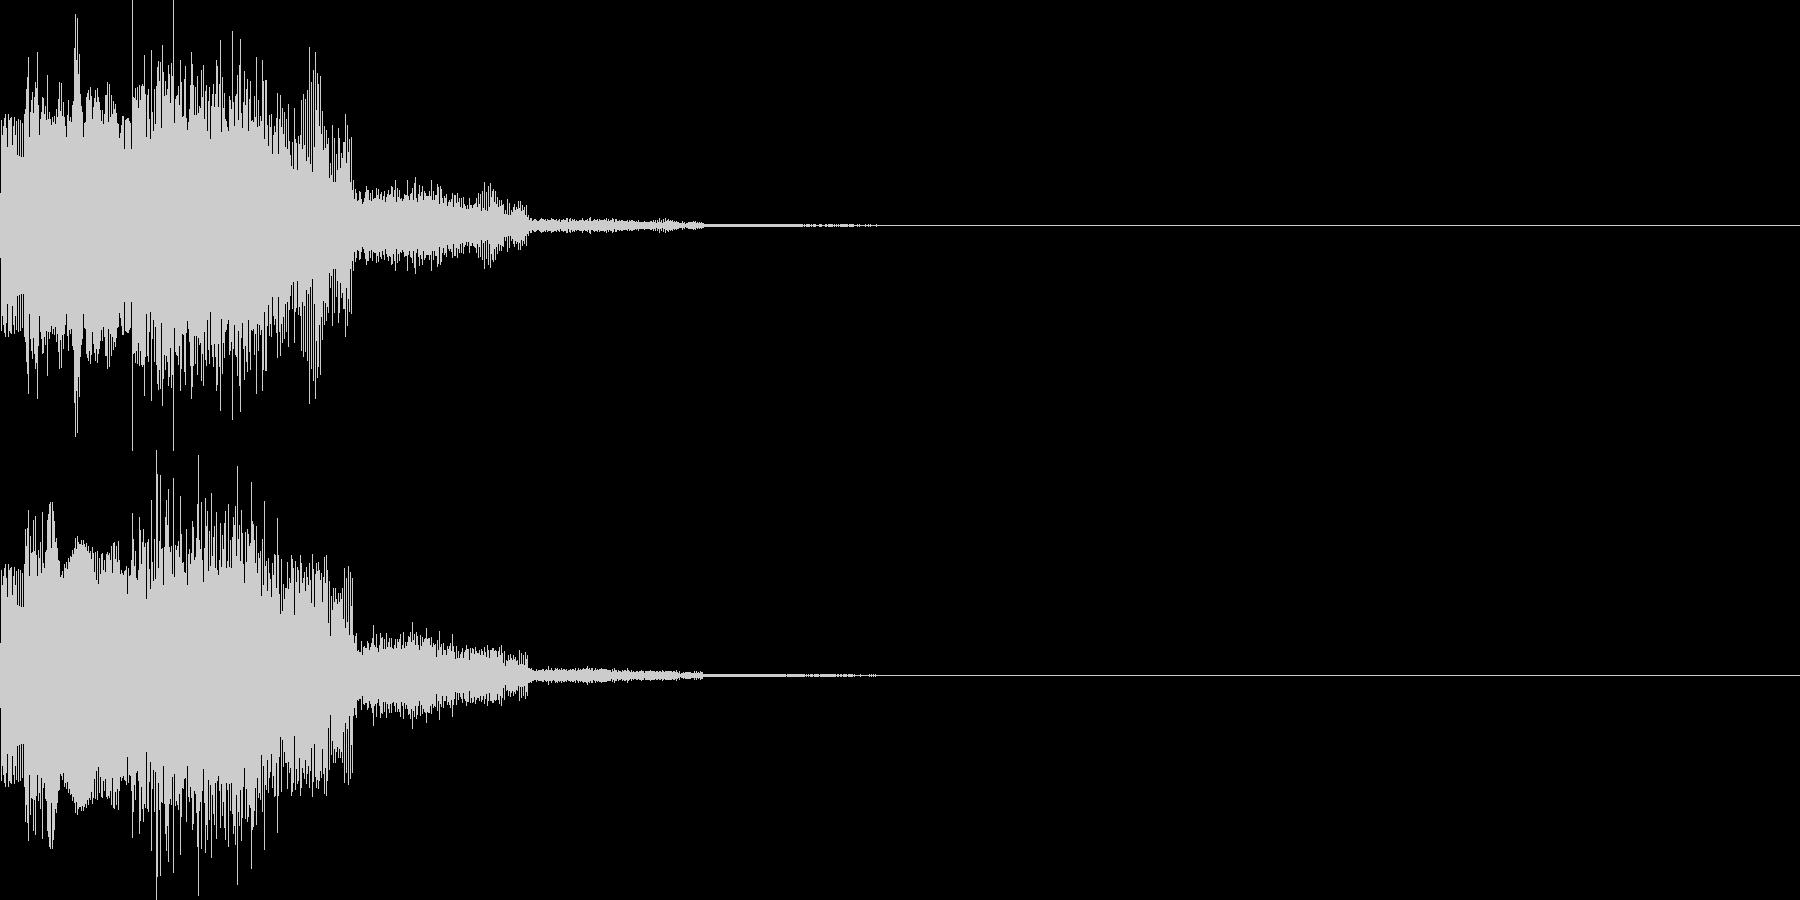 キャンセル音11(シンセ系Q)の未再生の波形